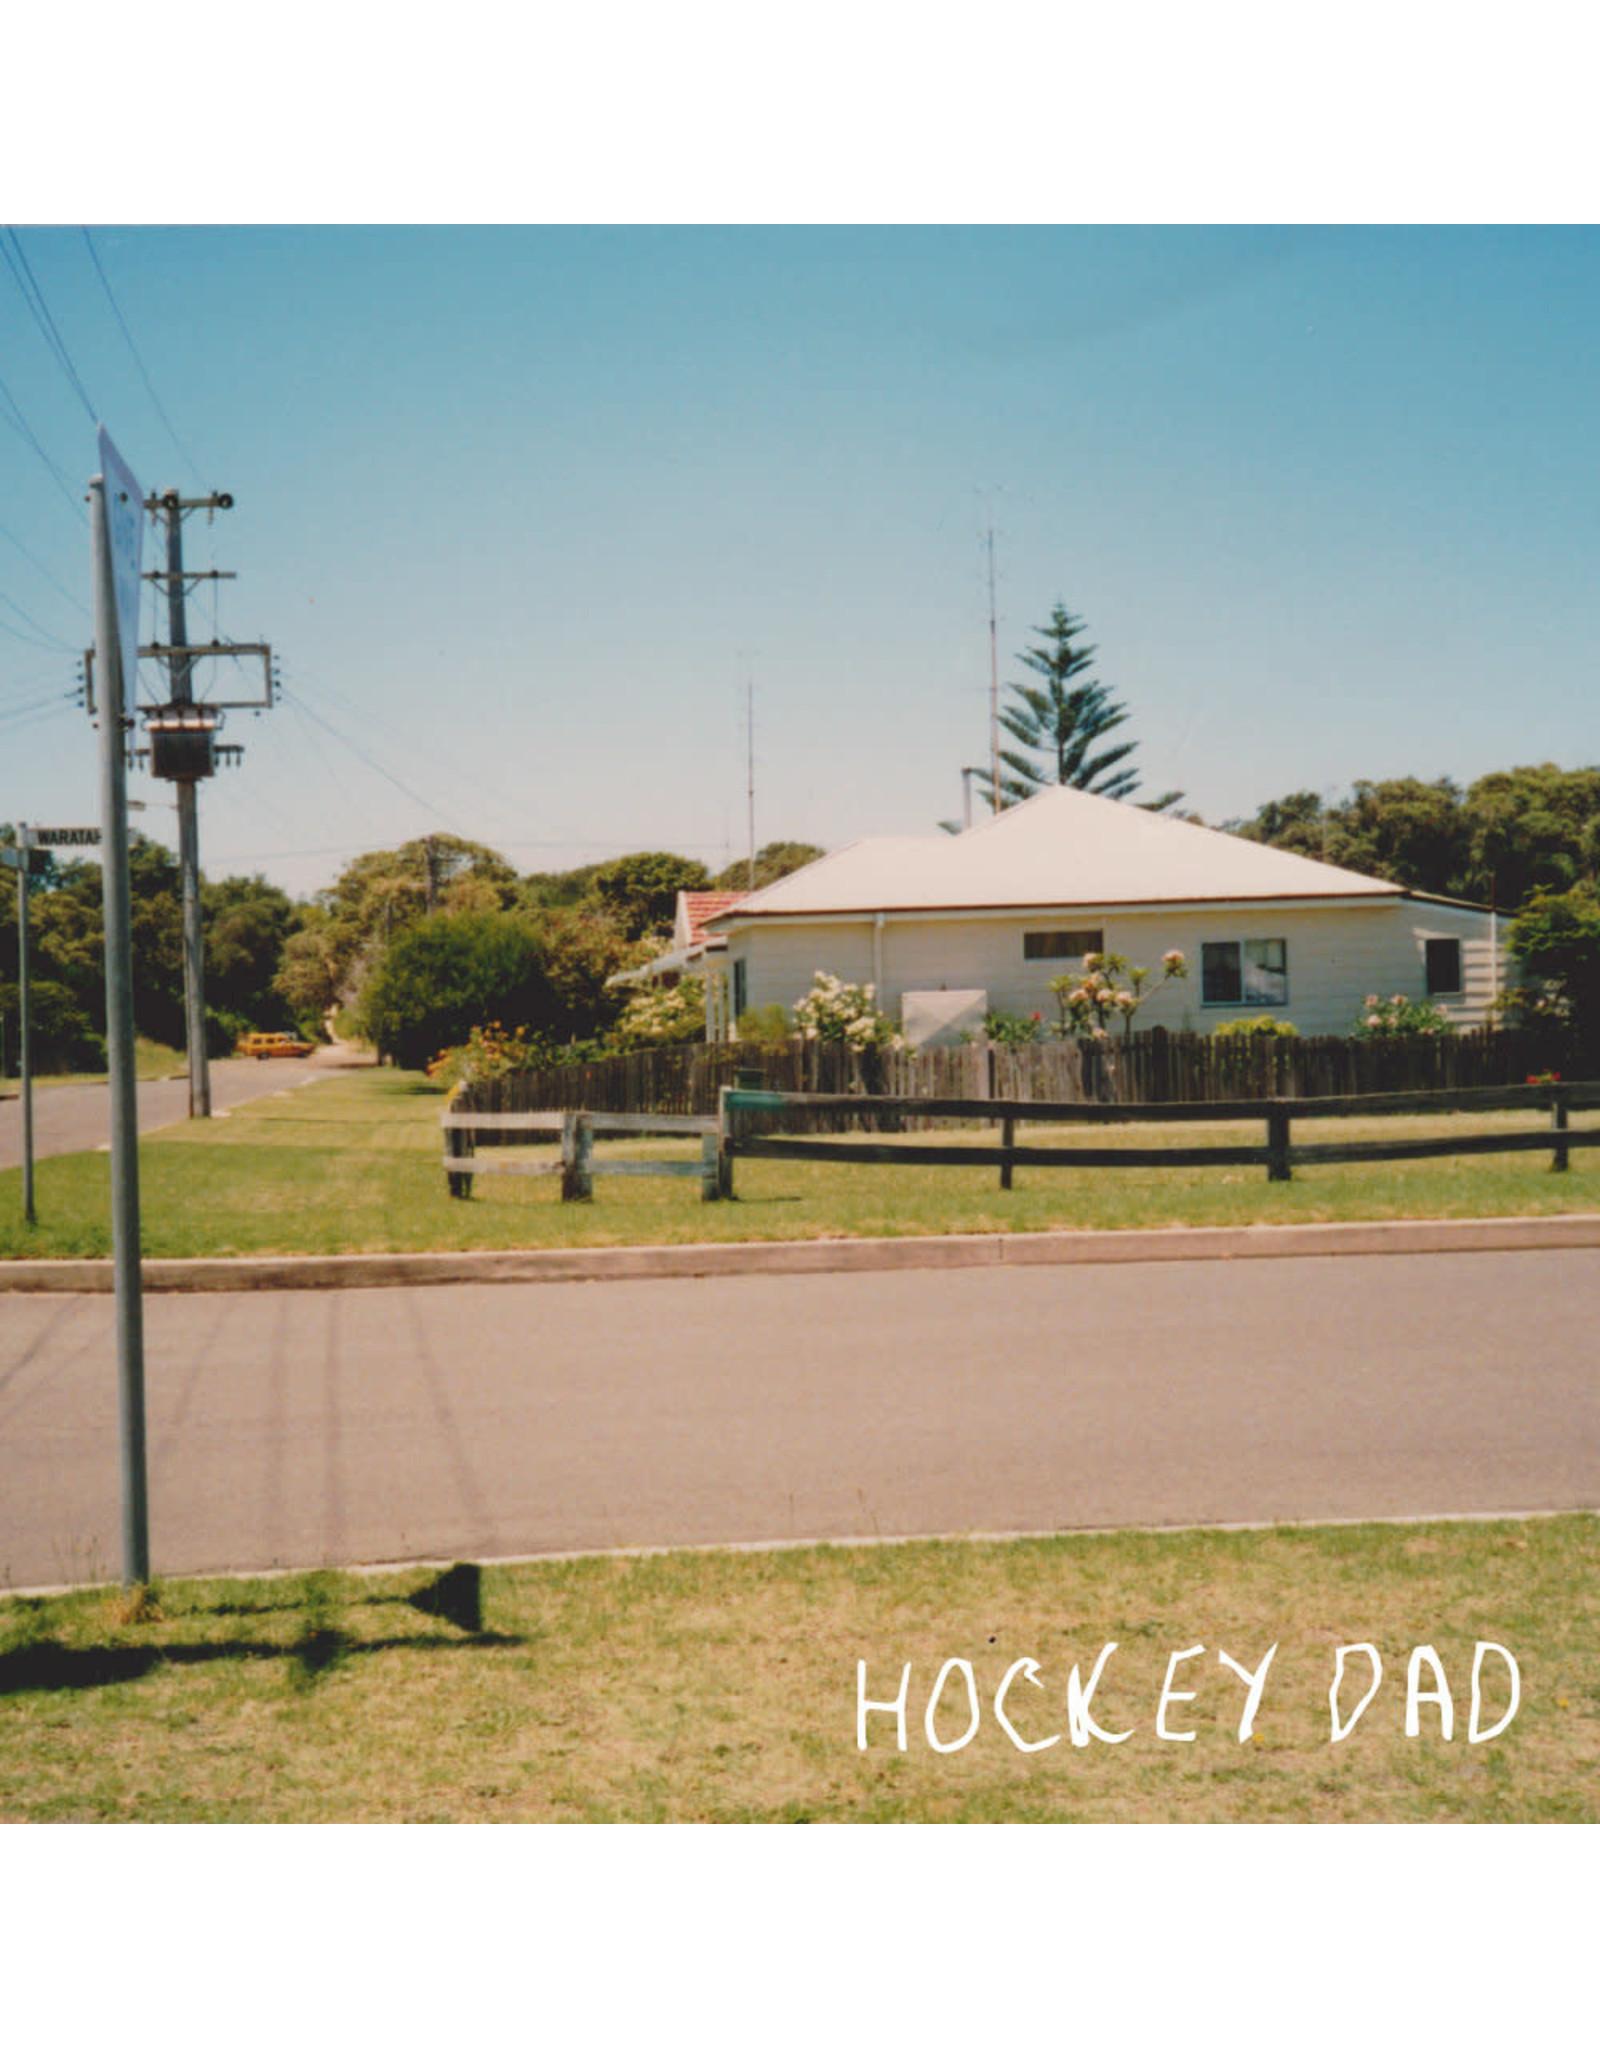 Hockey Dad - Dreamin' LP